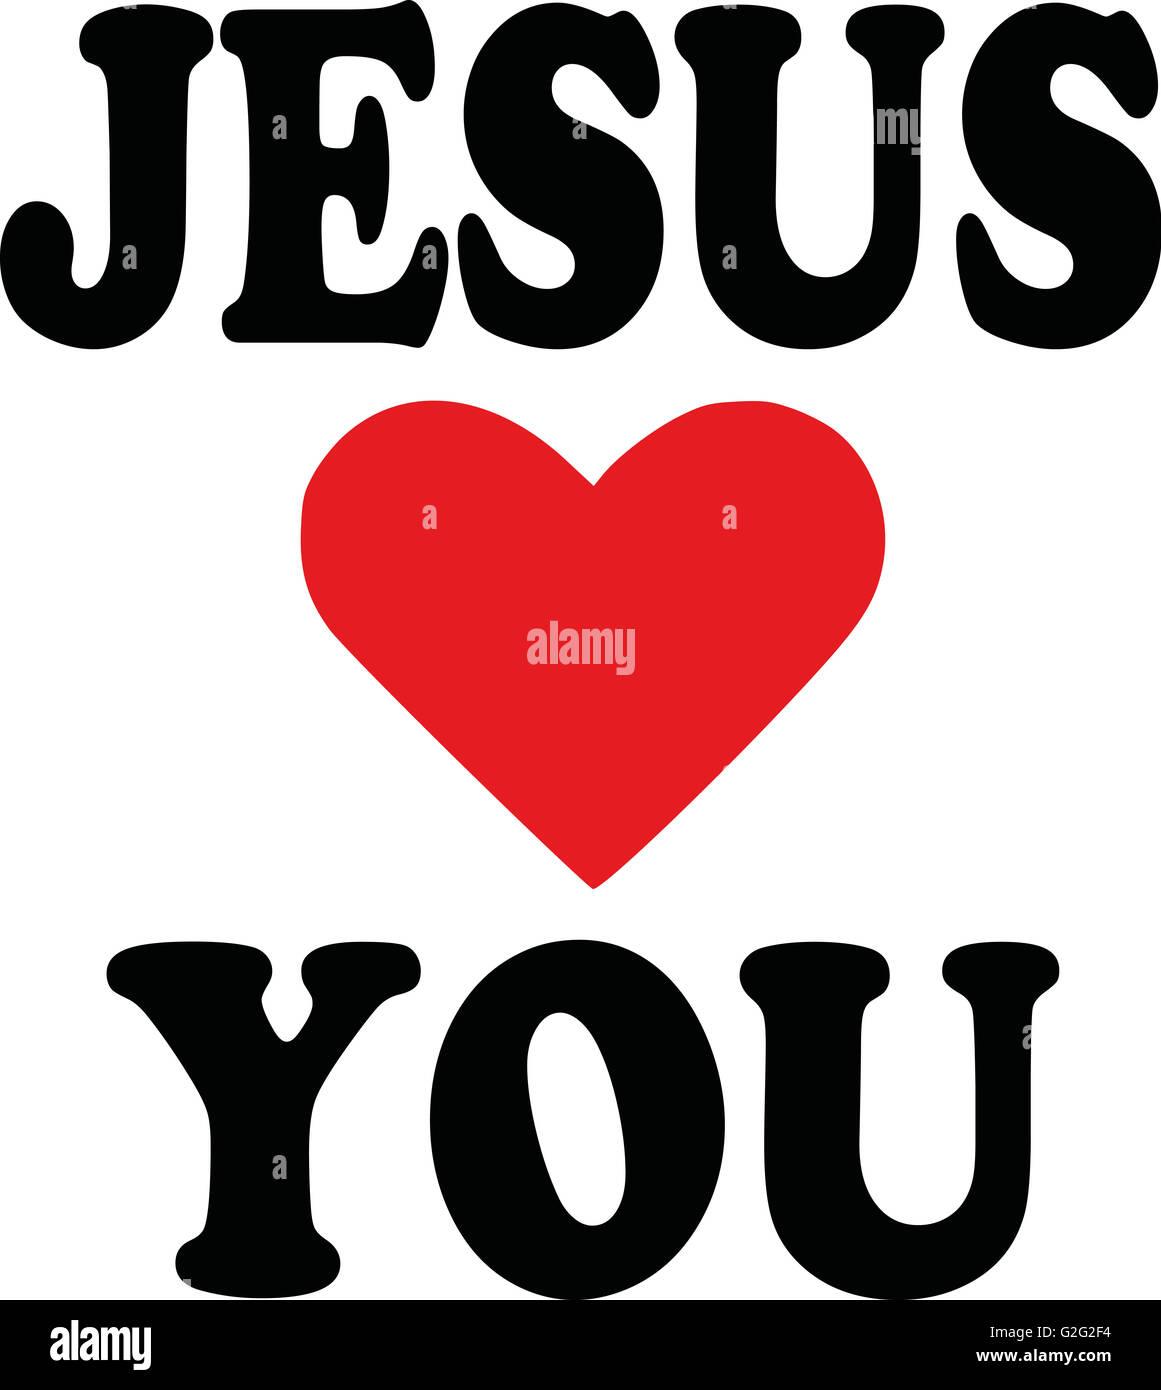 Fantastisch Jesus Liebt Dich Färbung Seite Bilder - Framing ...